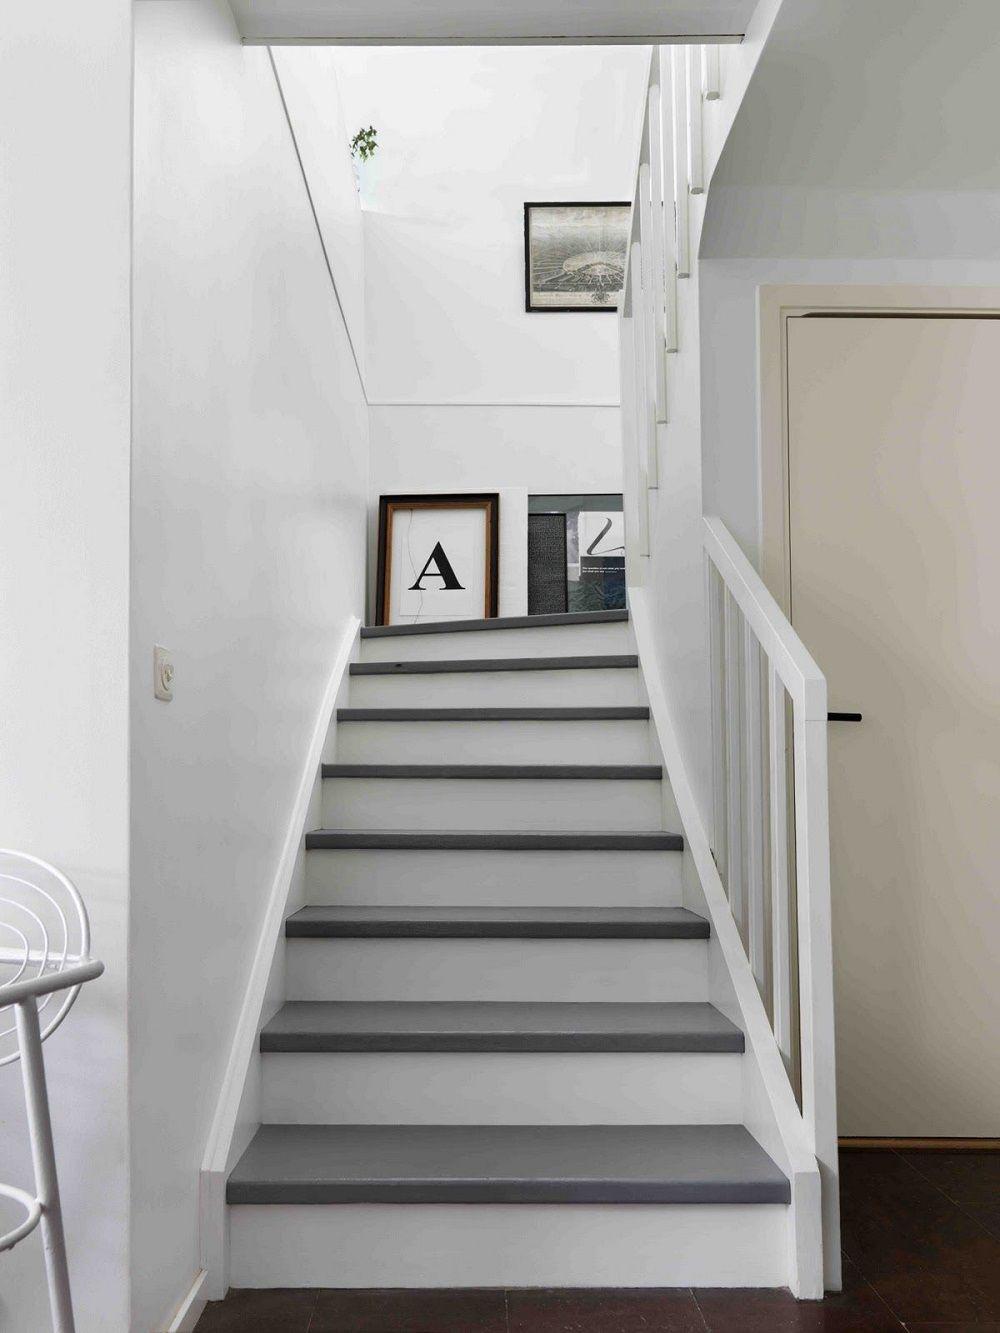 Escalier Blanc Avec Marches Bois Peint Gris Escalier Blanc Escalier Relooking Escalier Peint